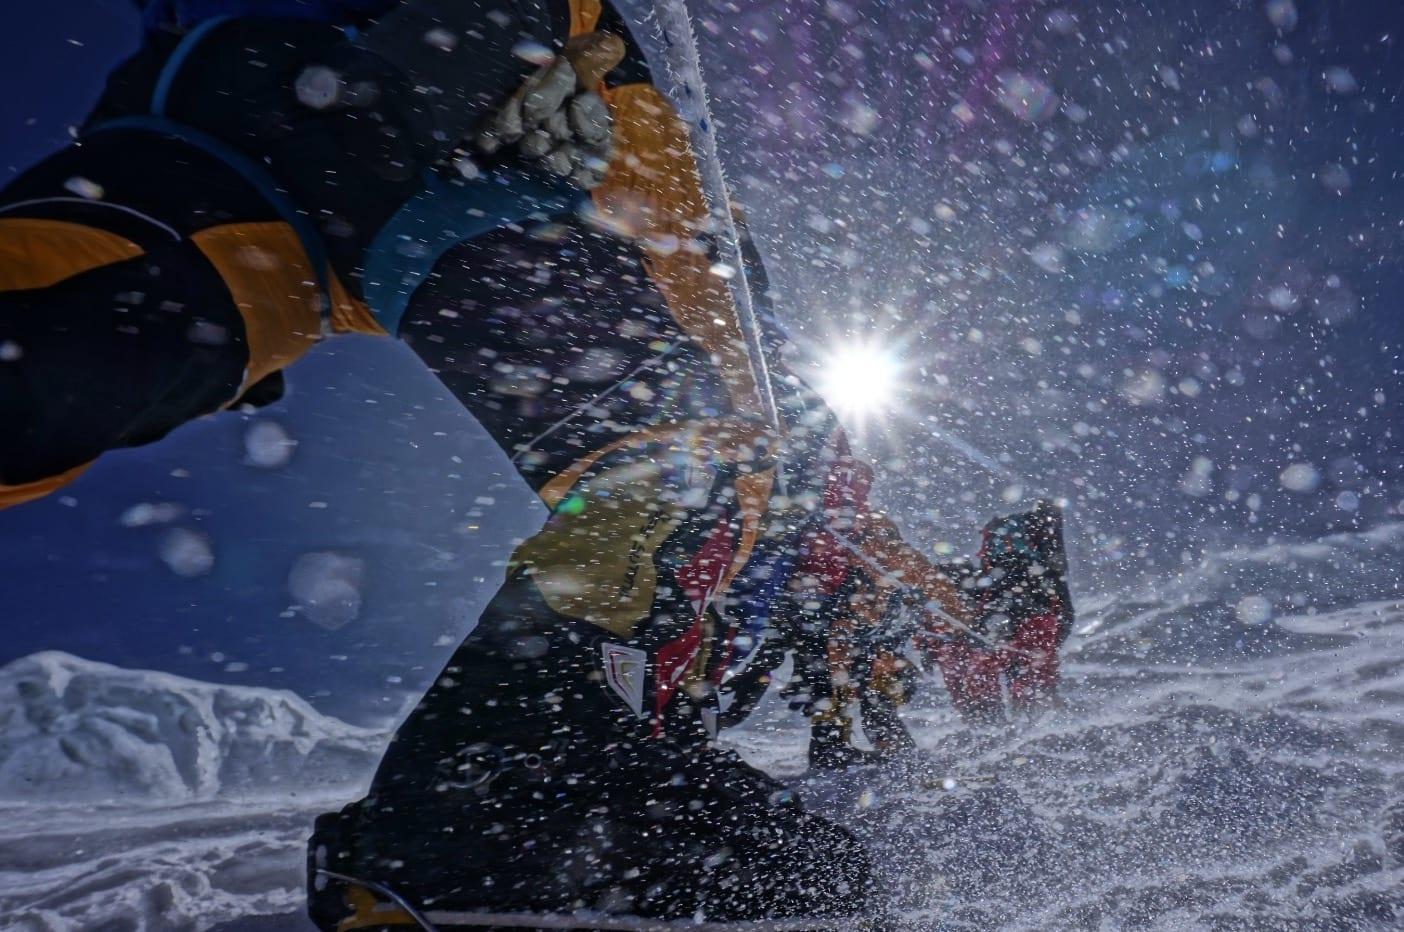 TRAFIKKJAM: Utfordringane på høge fjell er klart overbefolka tau som ventar på å få nå toppen. Men det fine med det er ein kan ta ein ekstra pust i bakken og nyta utsikten, tilveret og kanskje ein halv bounty sjokolade.